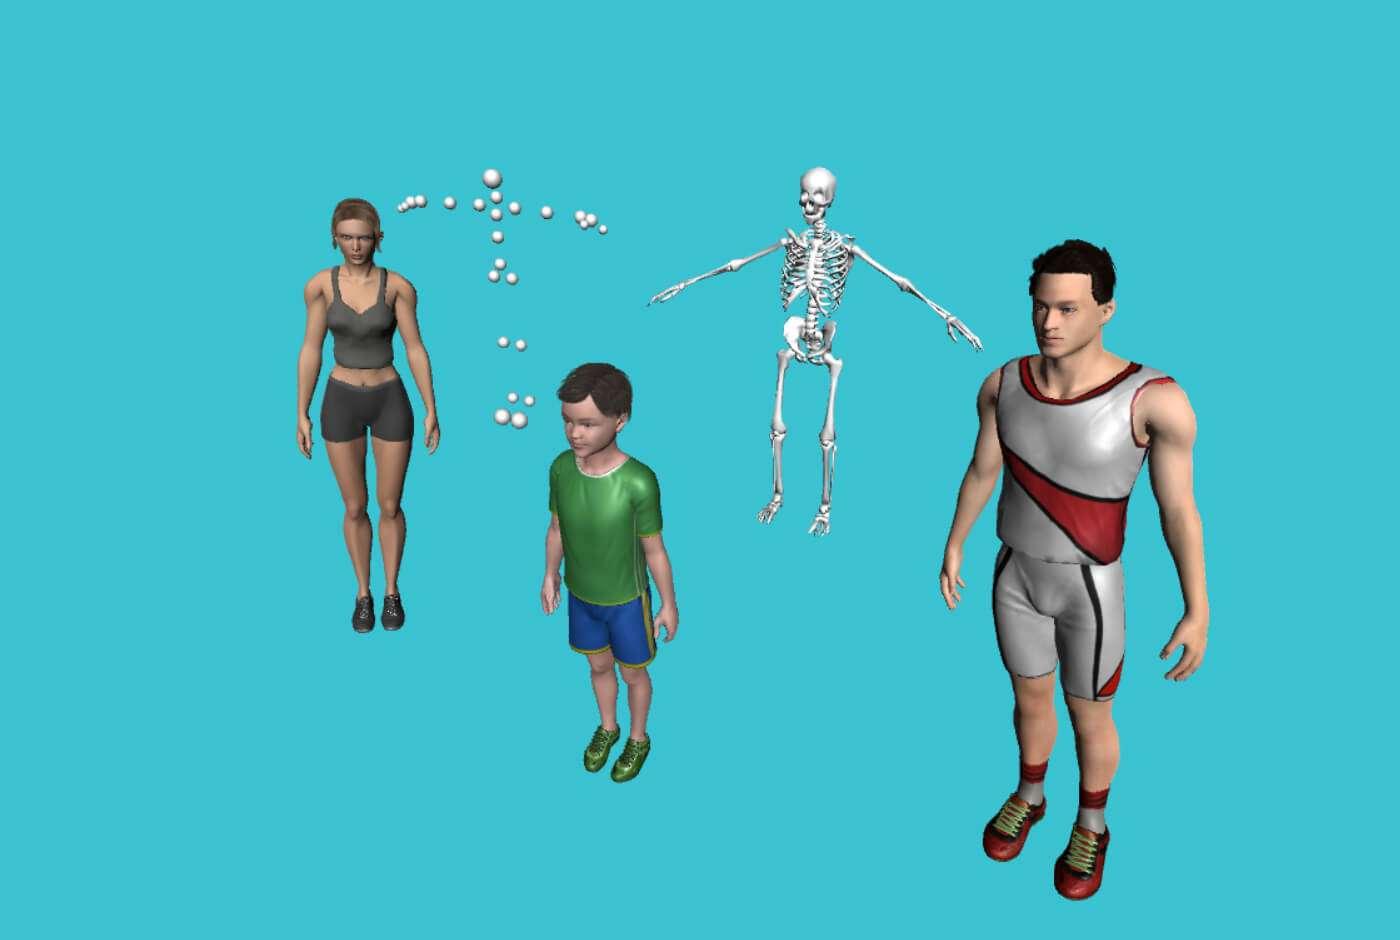 Avateering Using Kinect v2